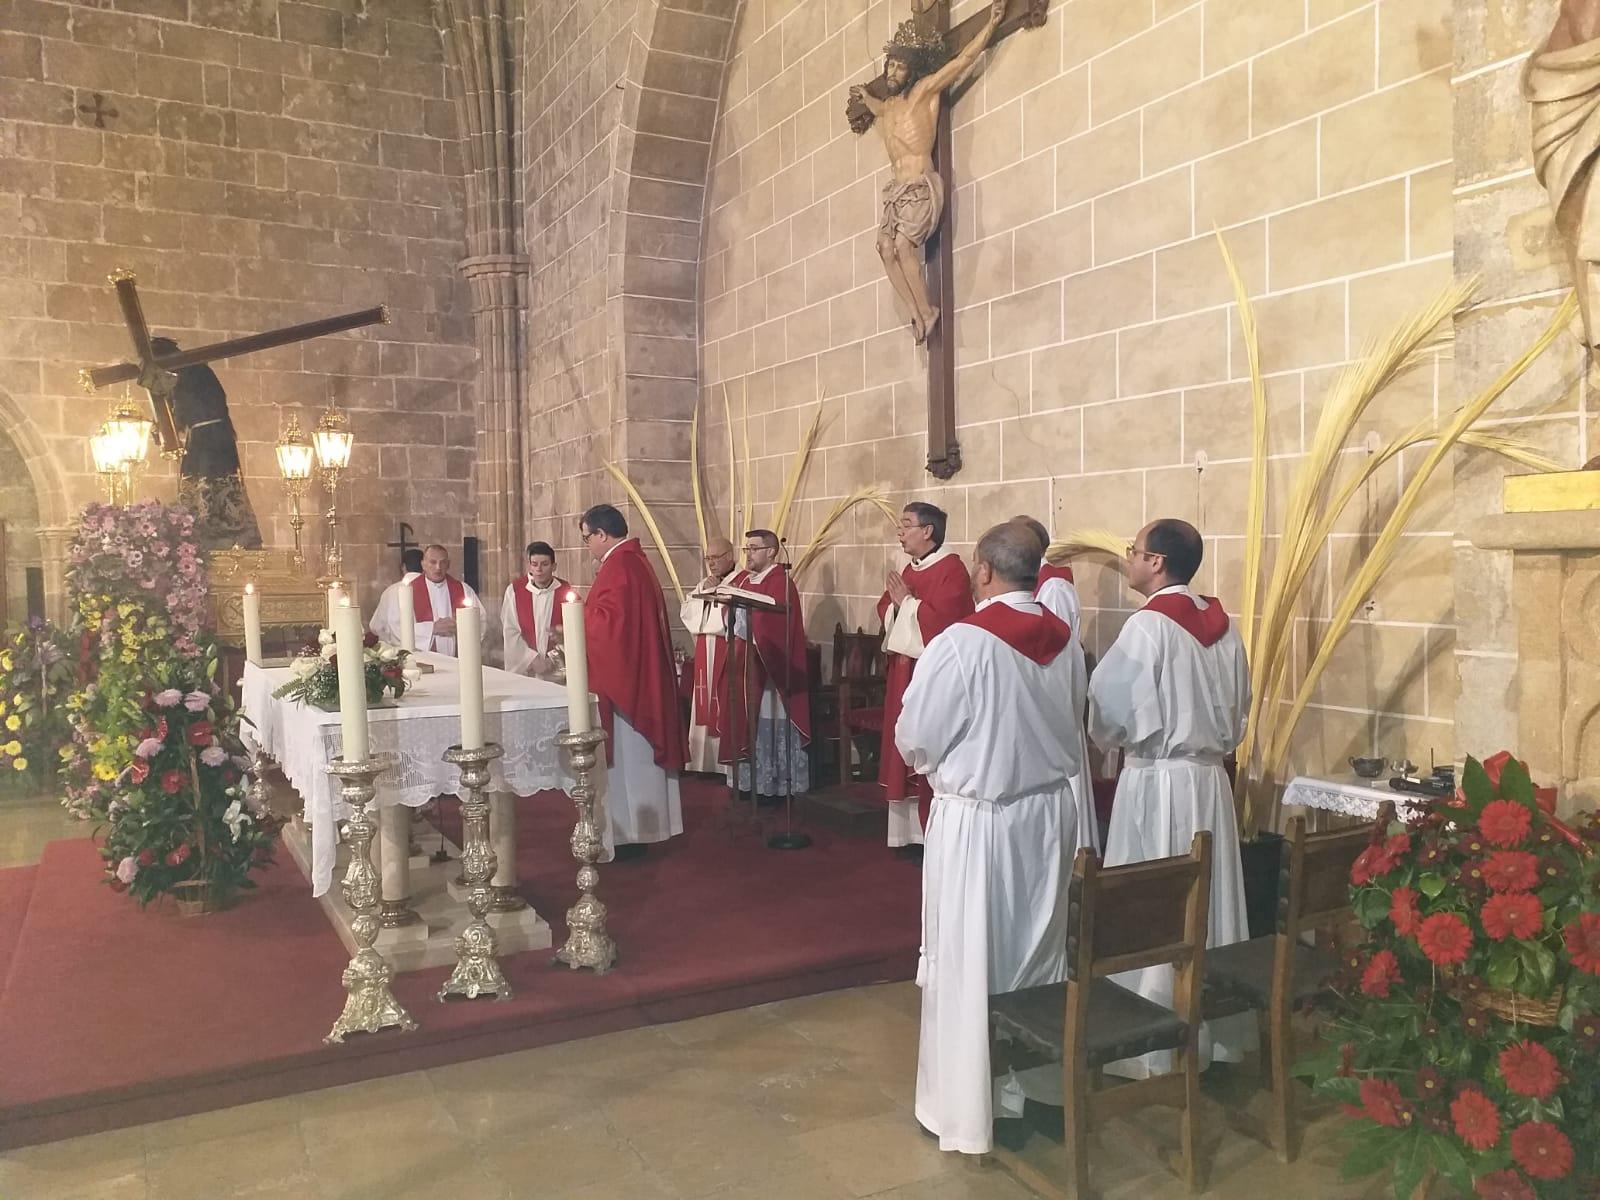 Párrocos oficiando la misa